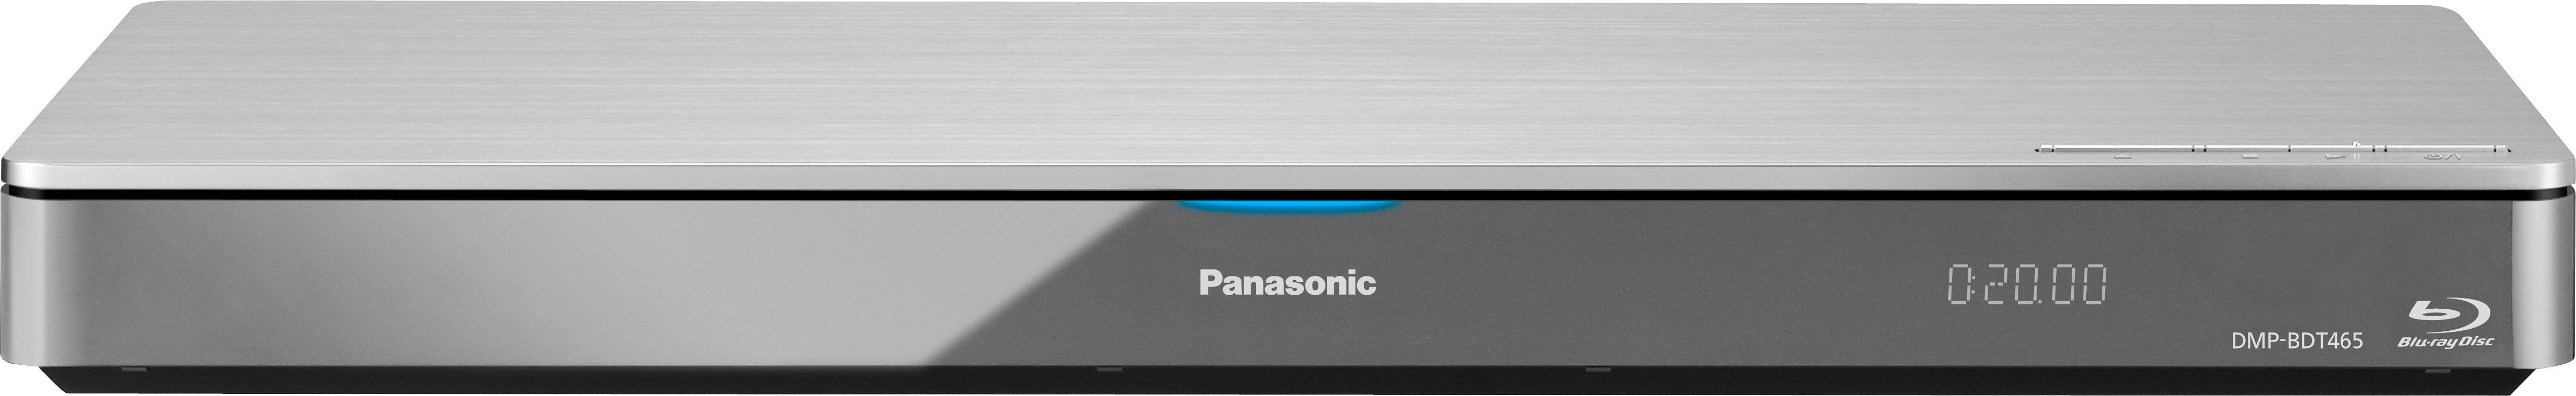 Panasonic DMPBDT465EG9 3D Blu-ray-Player 3D-fähig WLAN